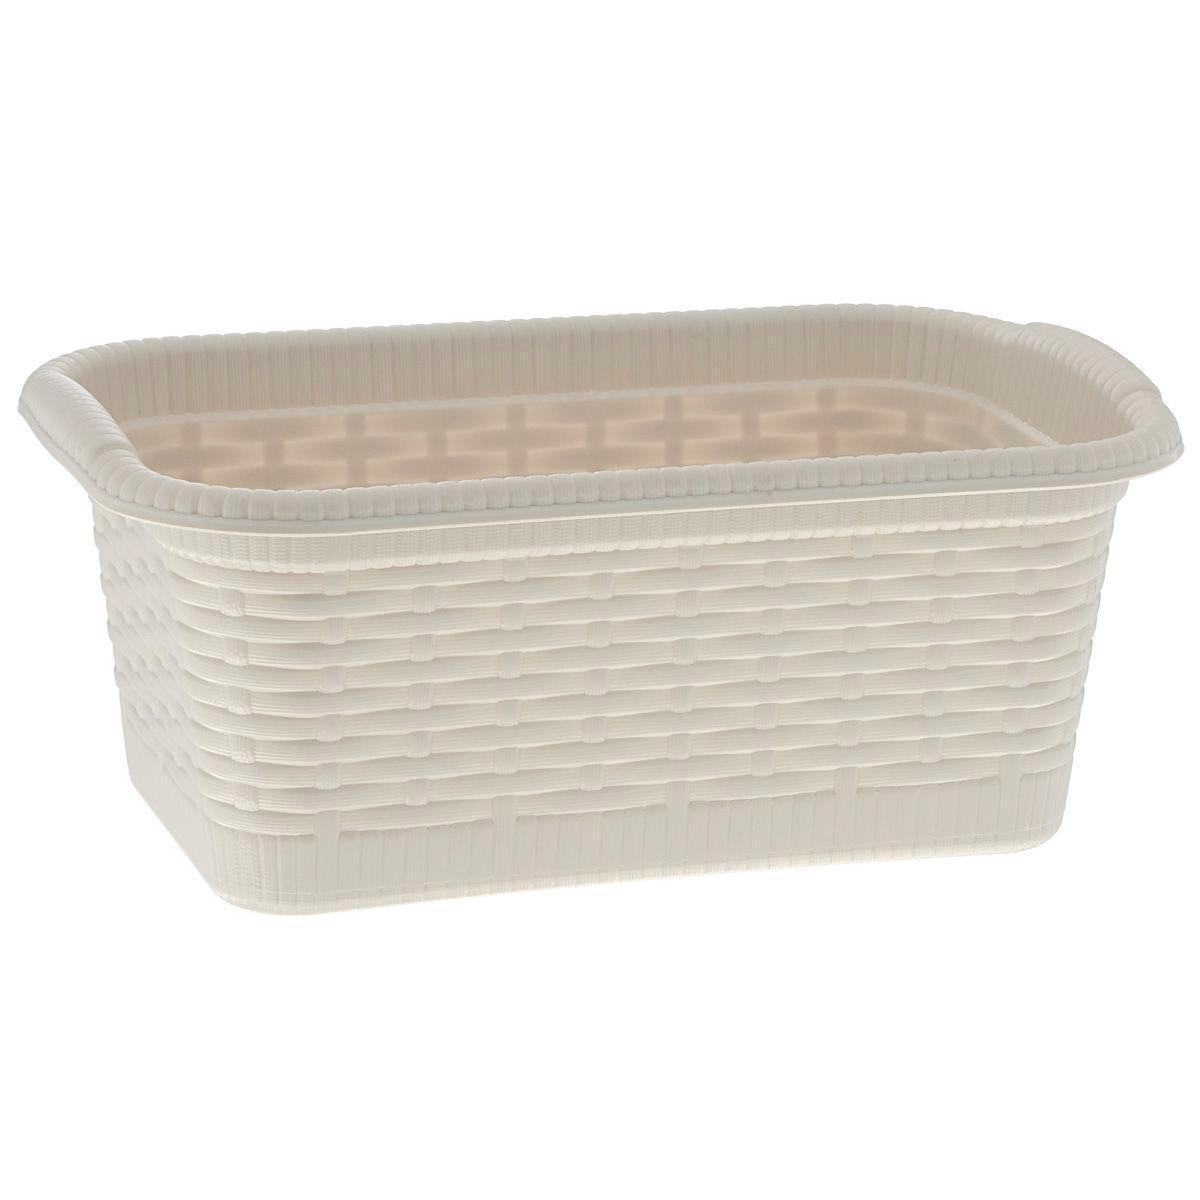 Корзина Gensini Rattan, цвет: светло-бежевый, 3 л3322Корзина Gensini Rattan, изготовленная из прочного пластика, предназначена для хранения мелочей в ванной, на кухне, даче или гараже. Легкая корзина со сплошным дном позволяет хранить мелкие вещи, исключая возможность их потери.